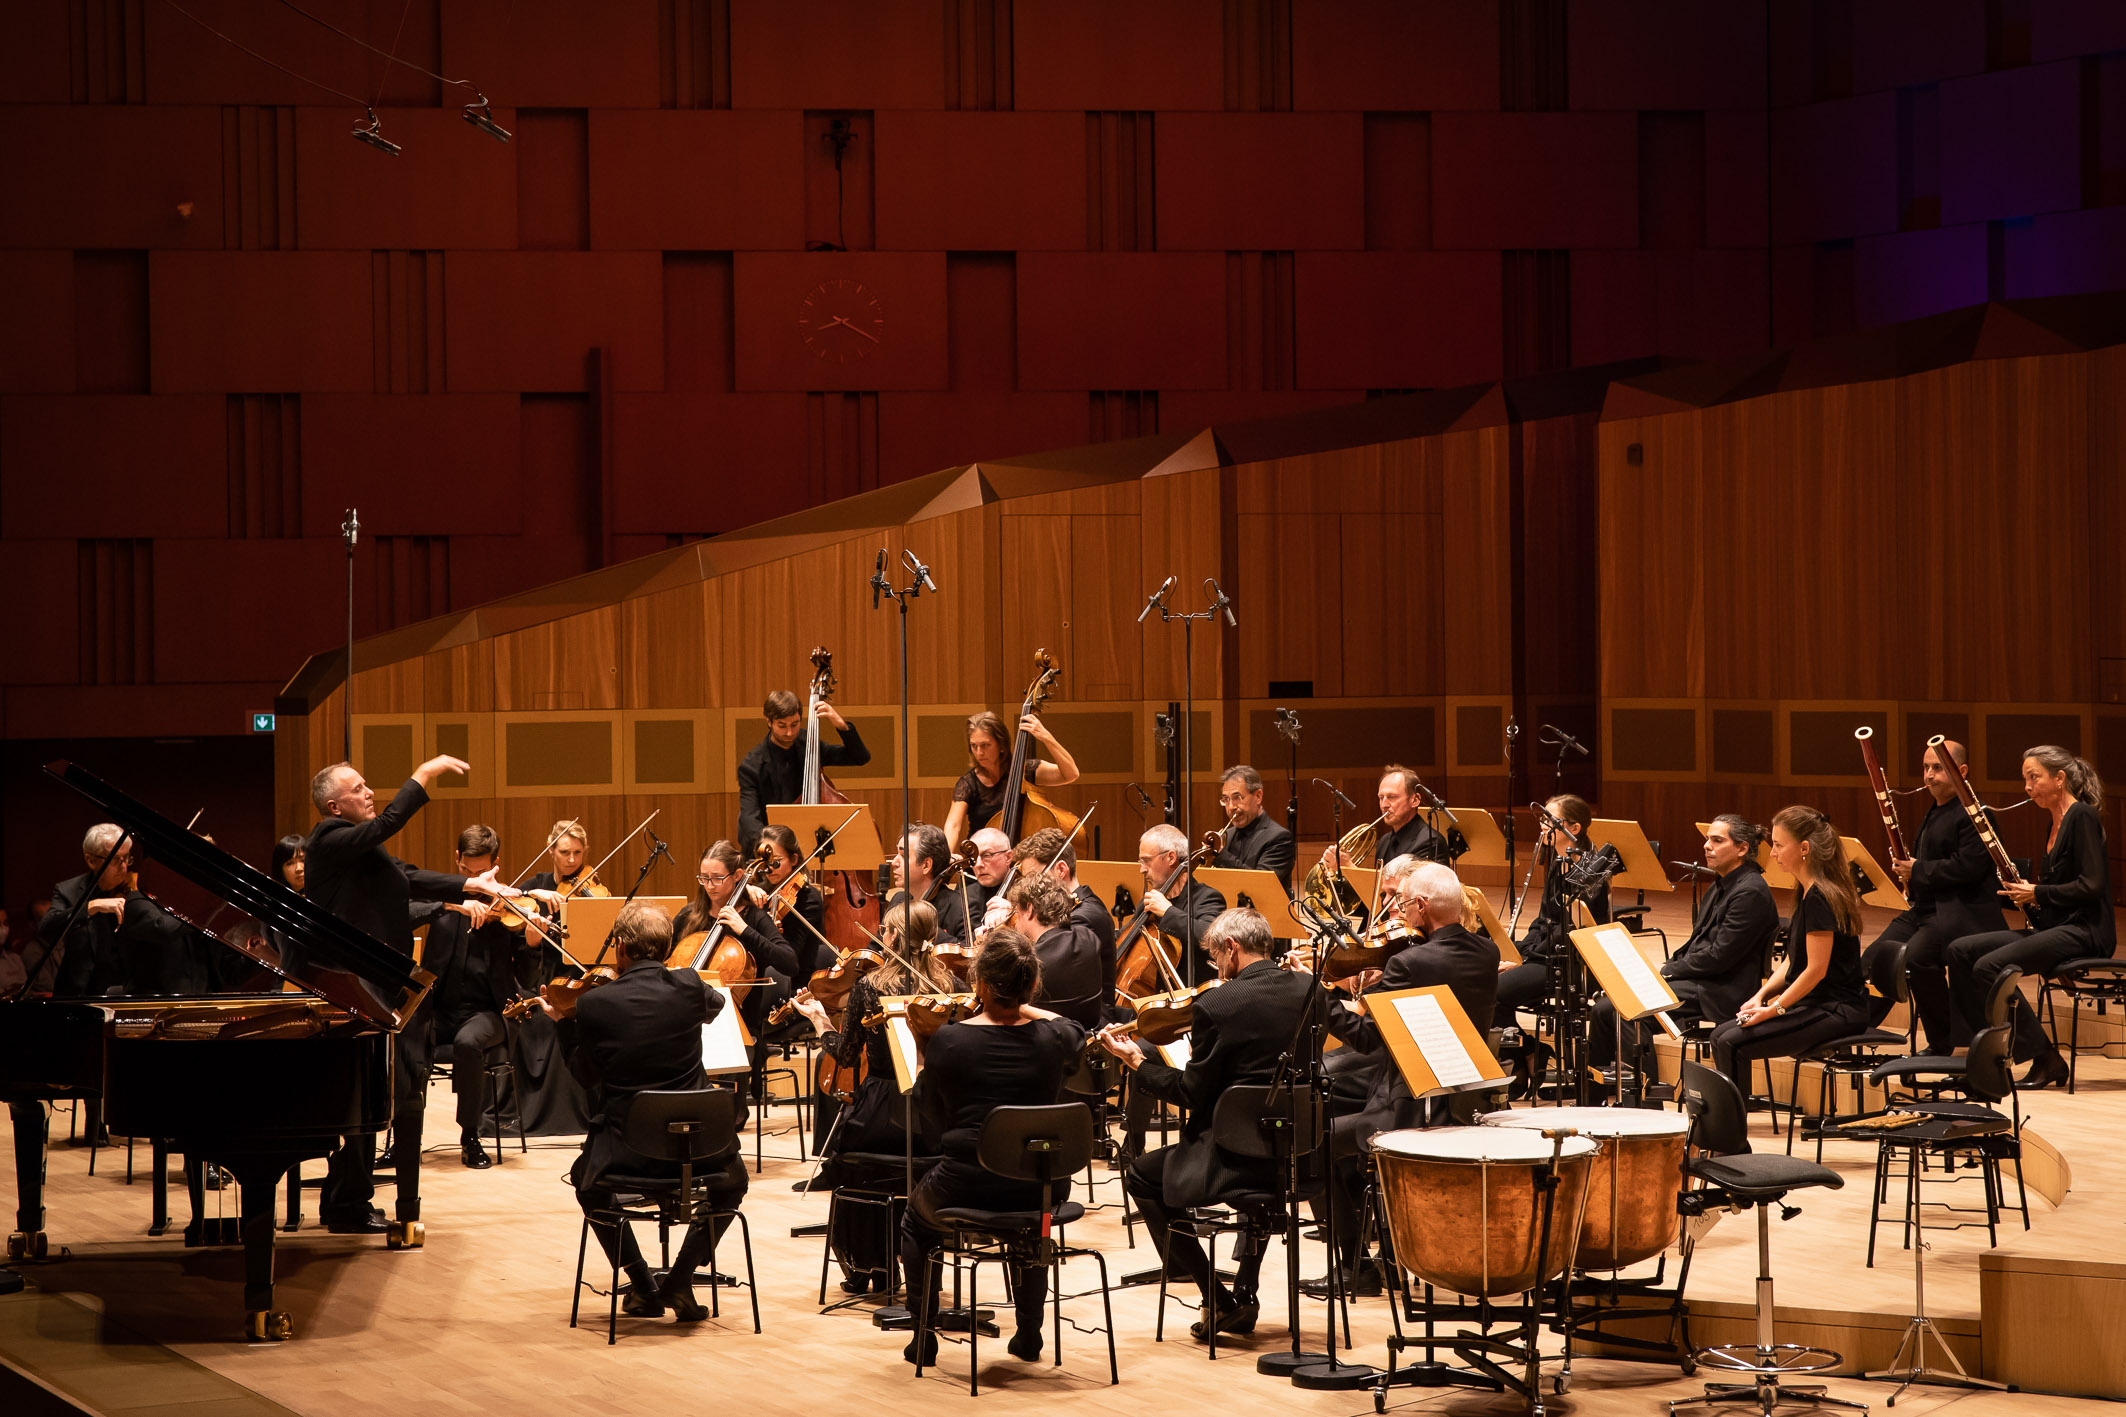 Alexander Lonquich & Münchener Kammerorchester (c) Helge Krückeberg